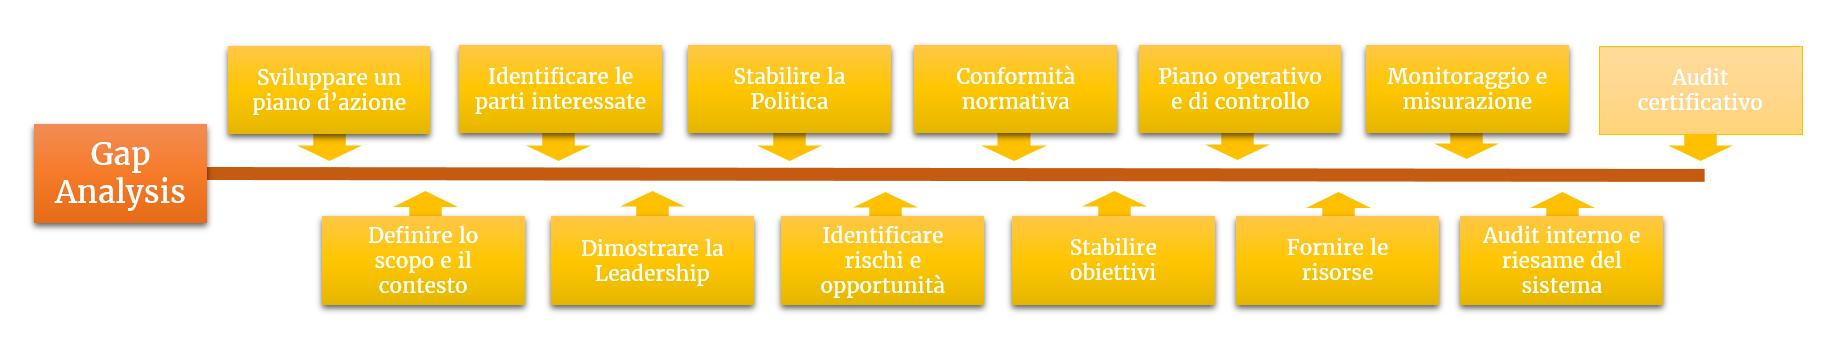 Le principali fasi che caratterizzano un percorso di implementazione o migrazione di un Sistema di Gestione secondo la nuova ISO 45001, dalla gap analysis fino alla certificazione.